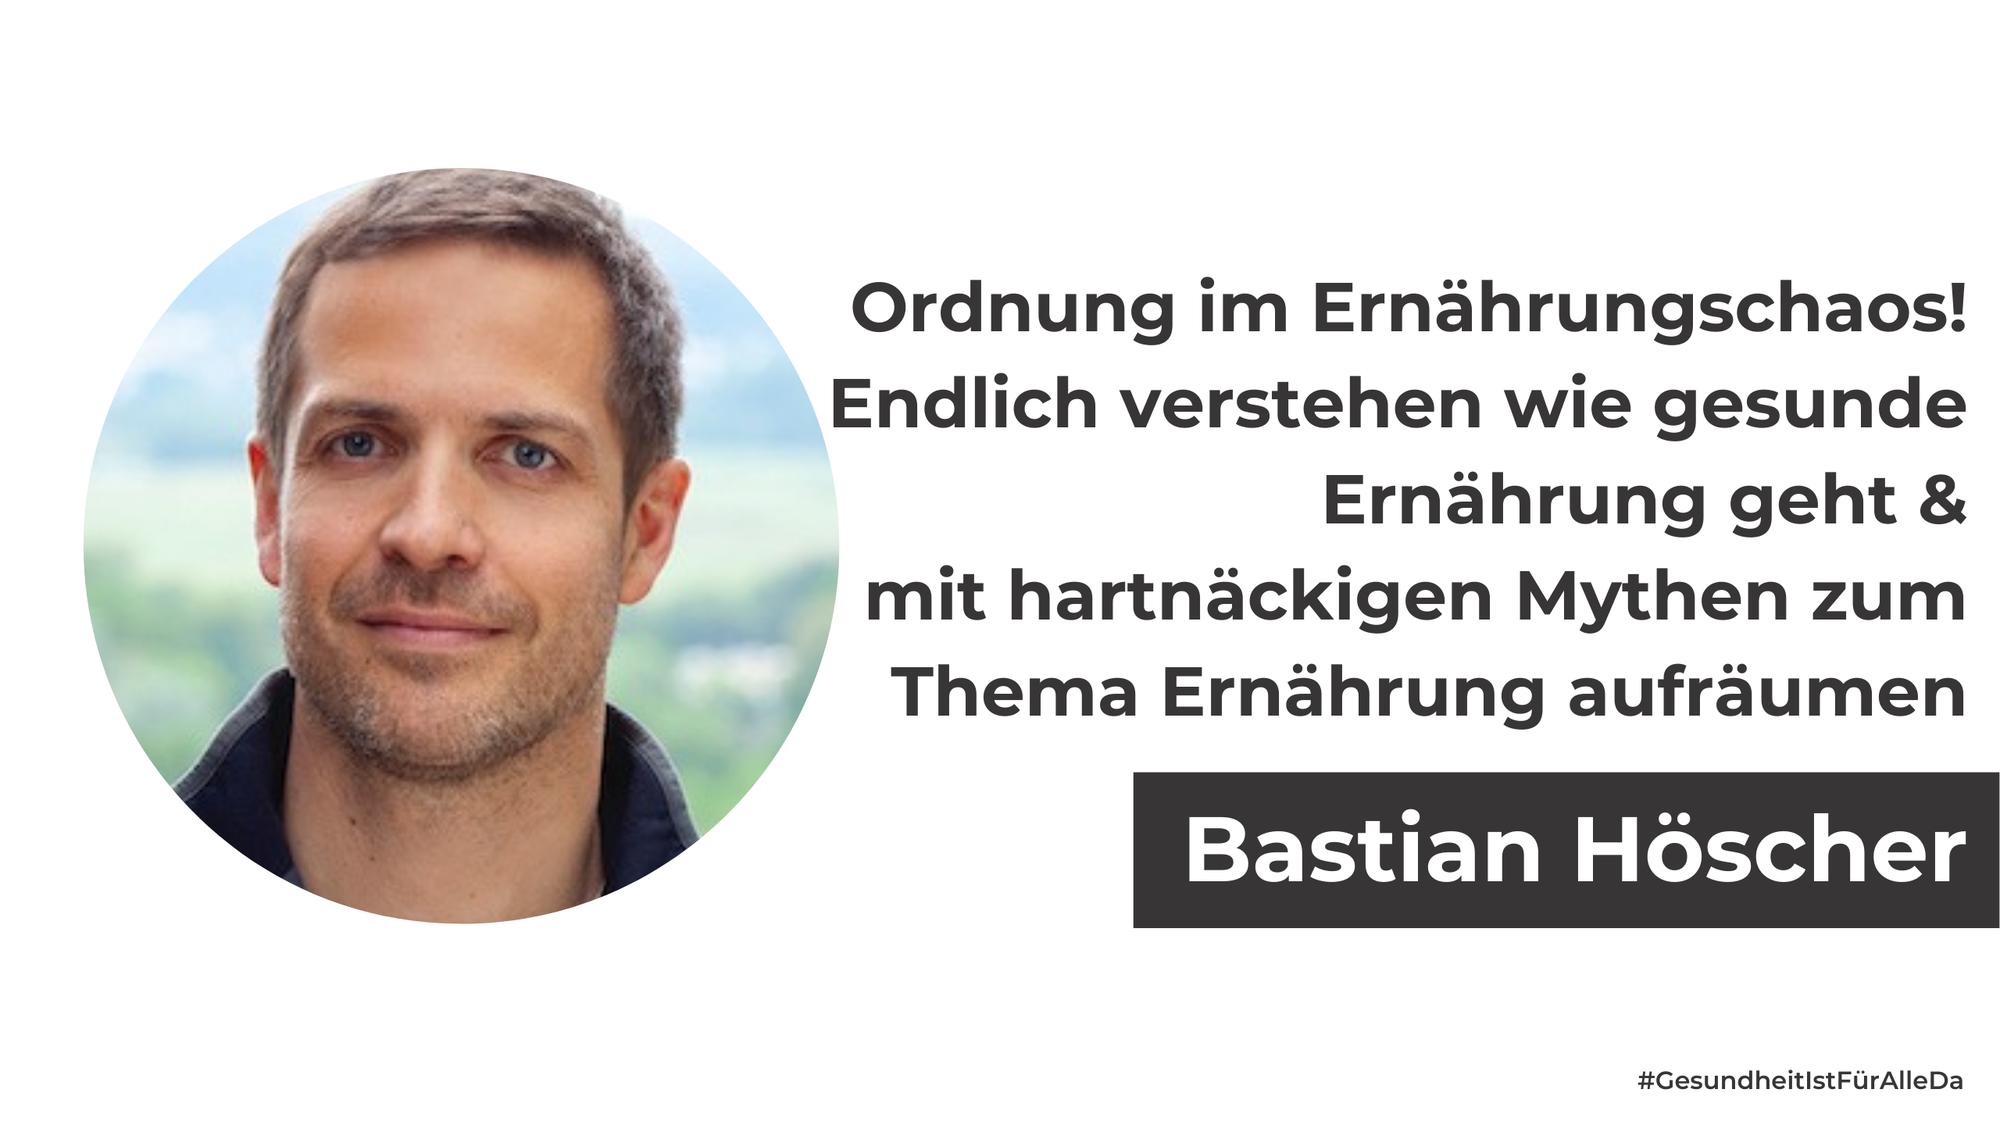 Bastian Hölscher